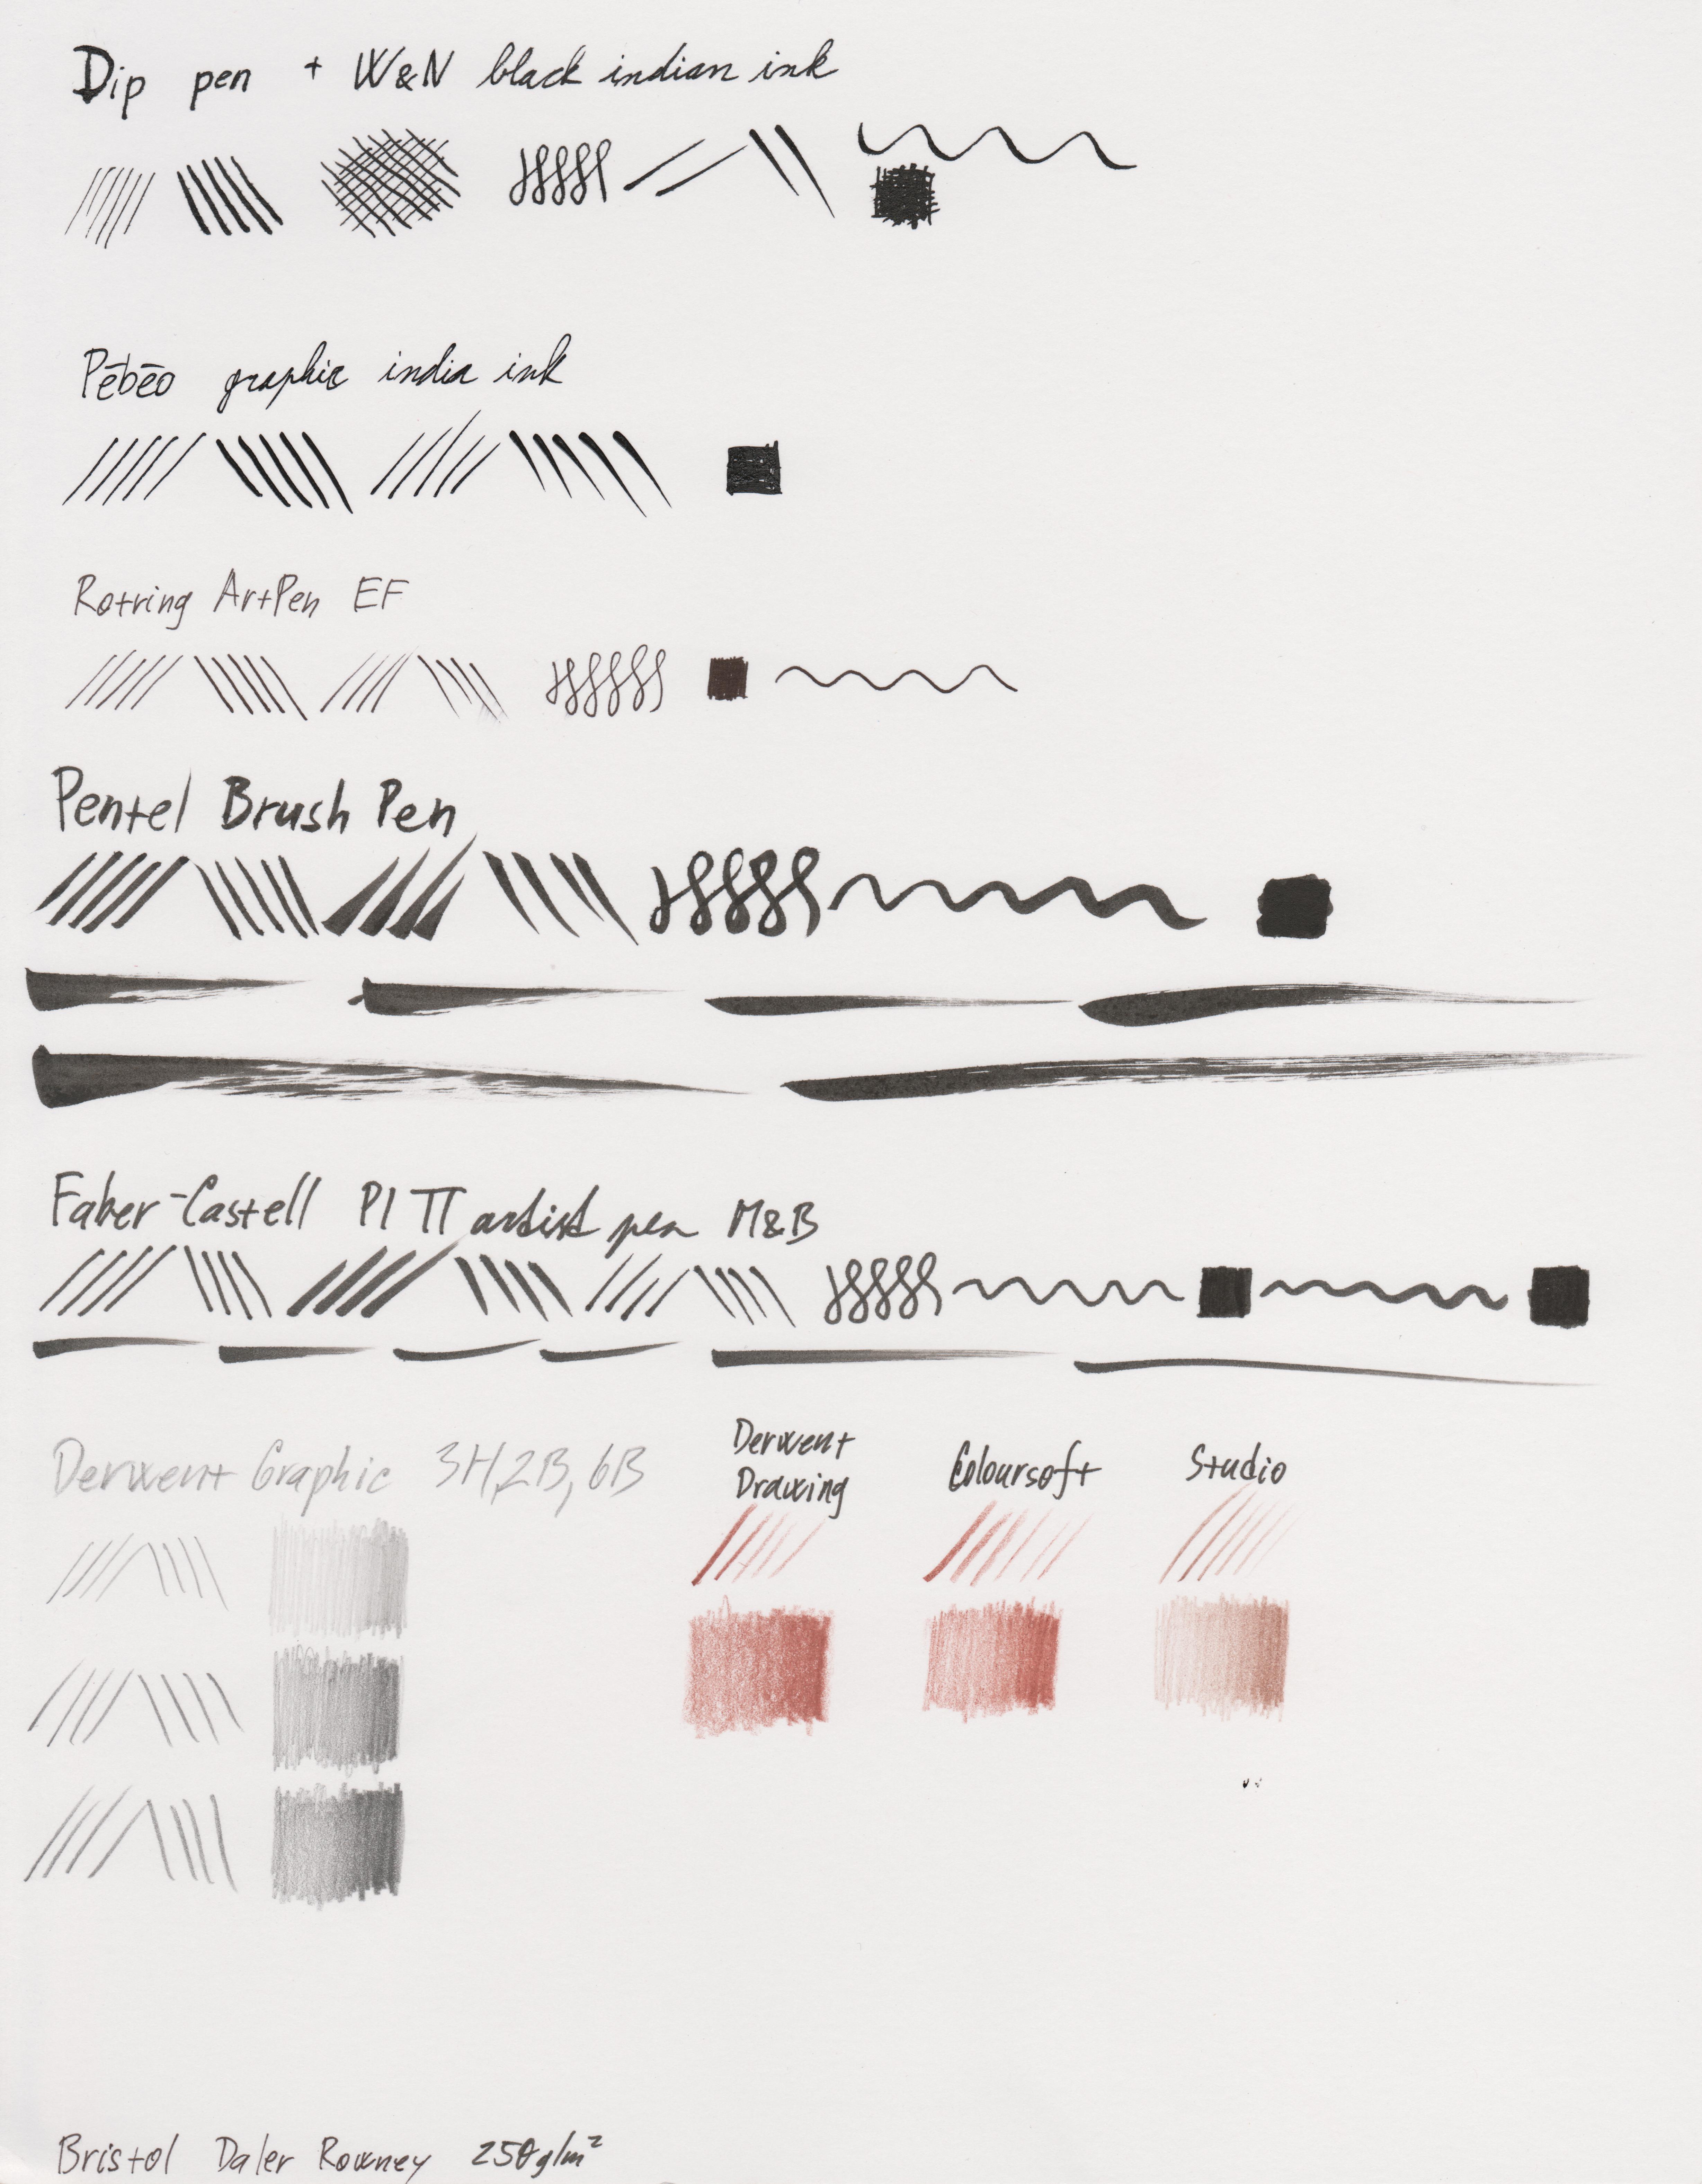 Paper test - Bristol Daler Rowney 250gsm